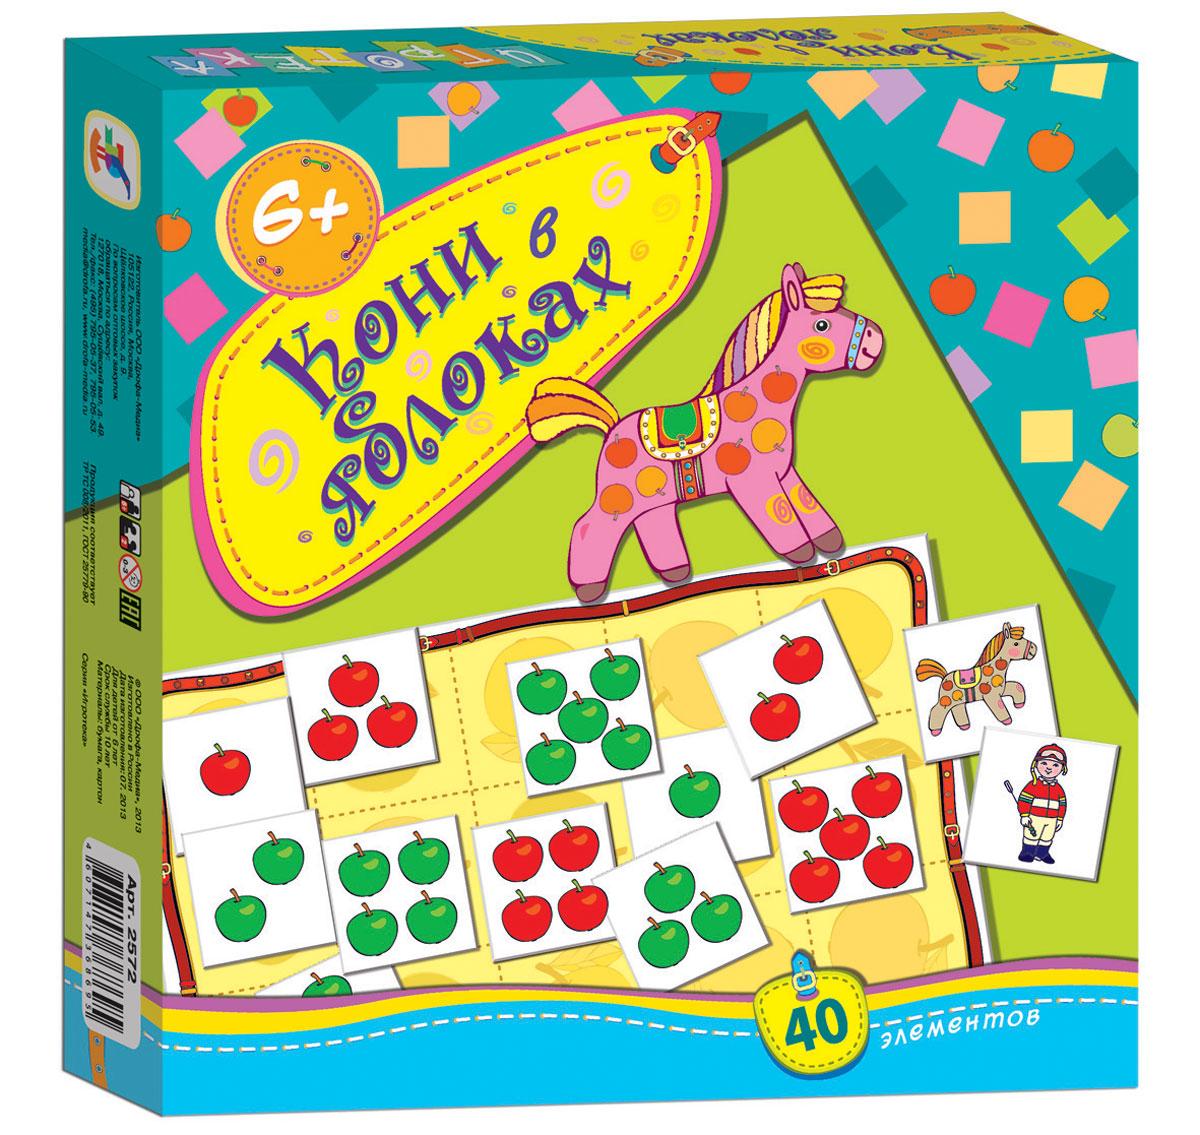 Дрофа-Медиа Развивающая игра Кони в яблоках2572Развивающая игра Кони в яблоках научит ребенка устному счету и логическому мышлению. В комплекте игровое поле и 36 игровых карточек. Игра состоит в определенном построении карточек с цветными элементами на игровом поле. Кони в яблоках учит ребенка предвидеть результаты и принимать во внимание интересы соперника. Игра формирует элементарные математические представления, развивает внимание, мышление. Настольная игра Кони в яблоках не только поможет развить необходимые навыки вашего ребенка, но и станет незаменимым подарком вашим близким и родным людям!